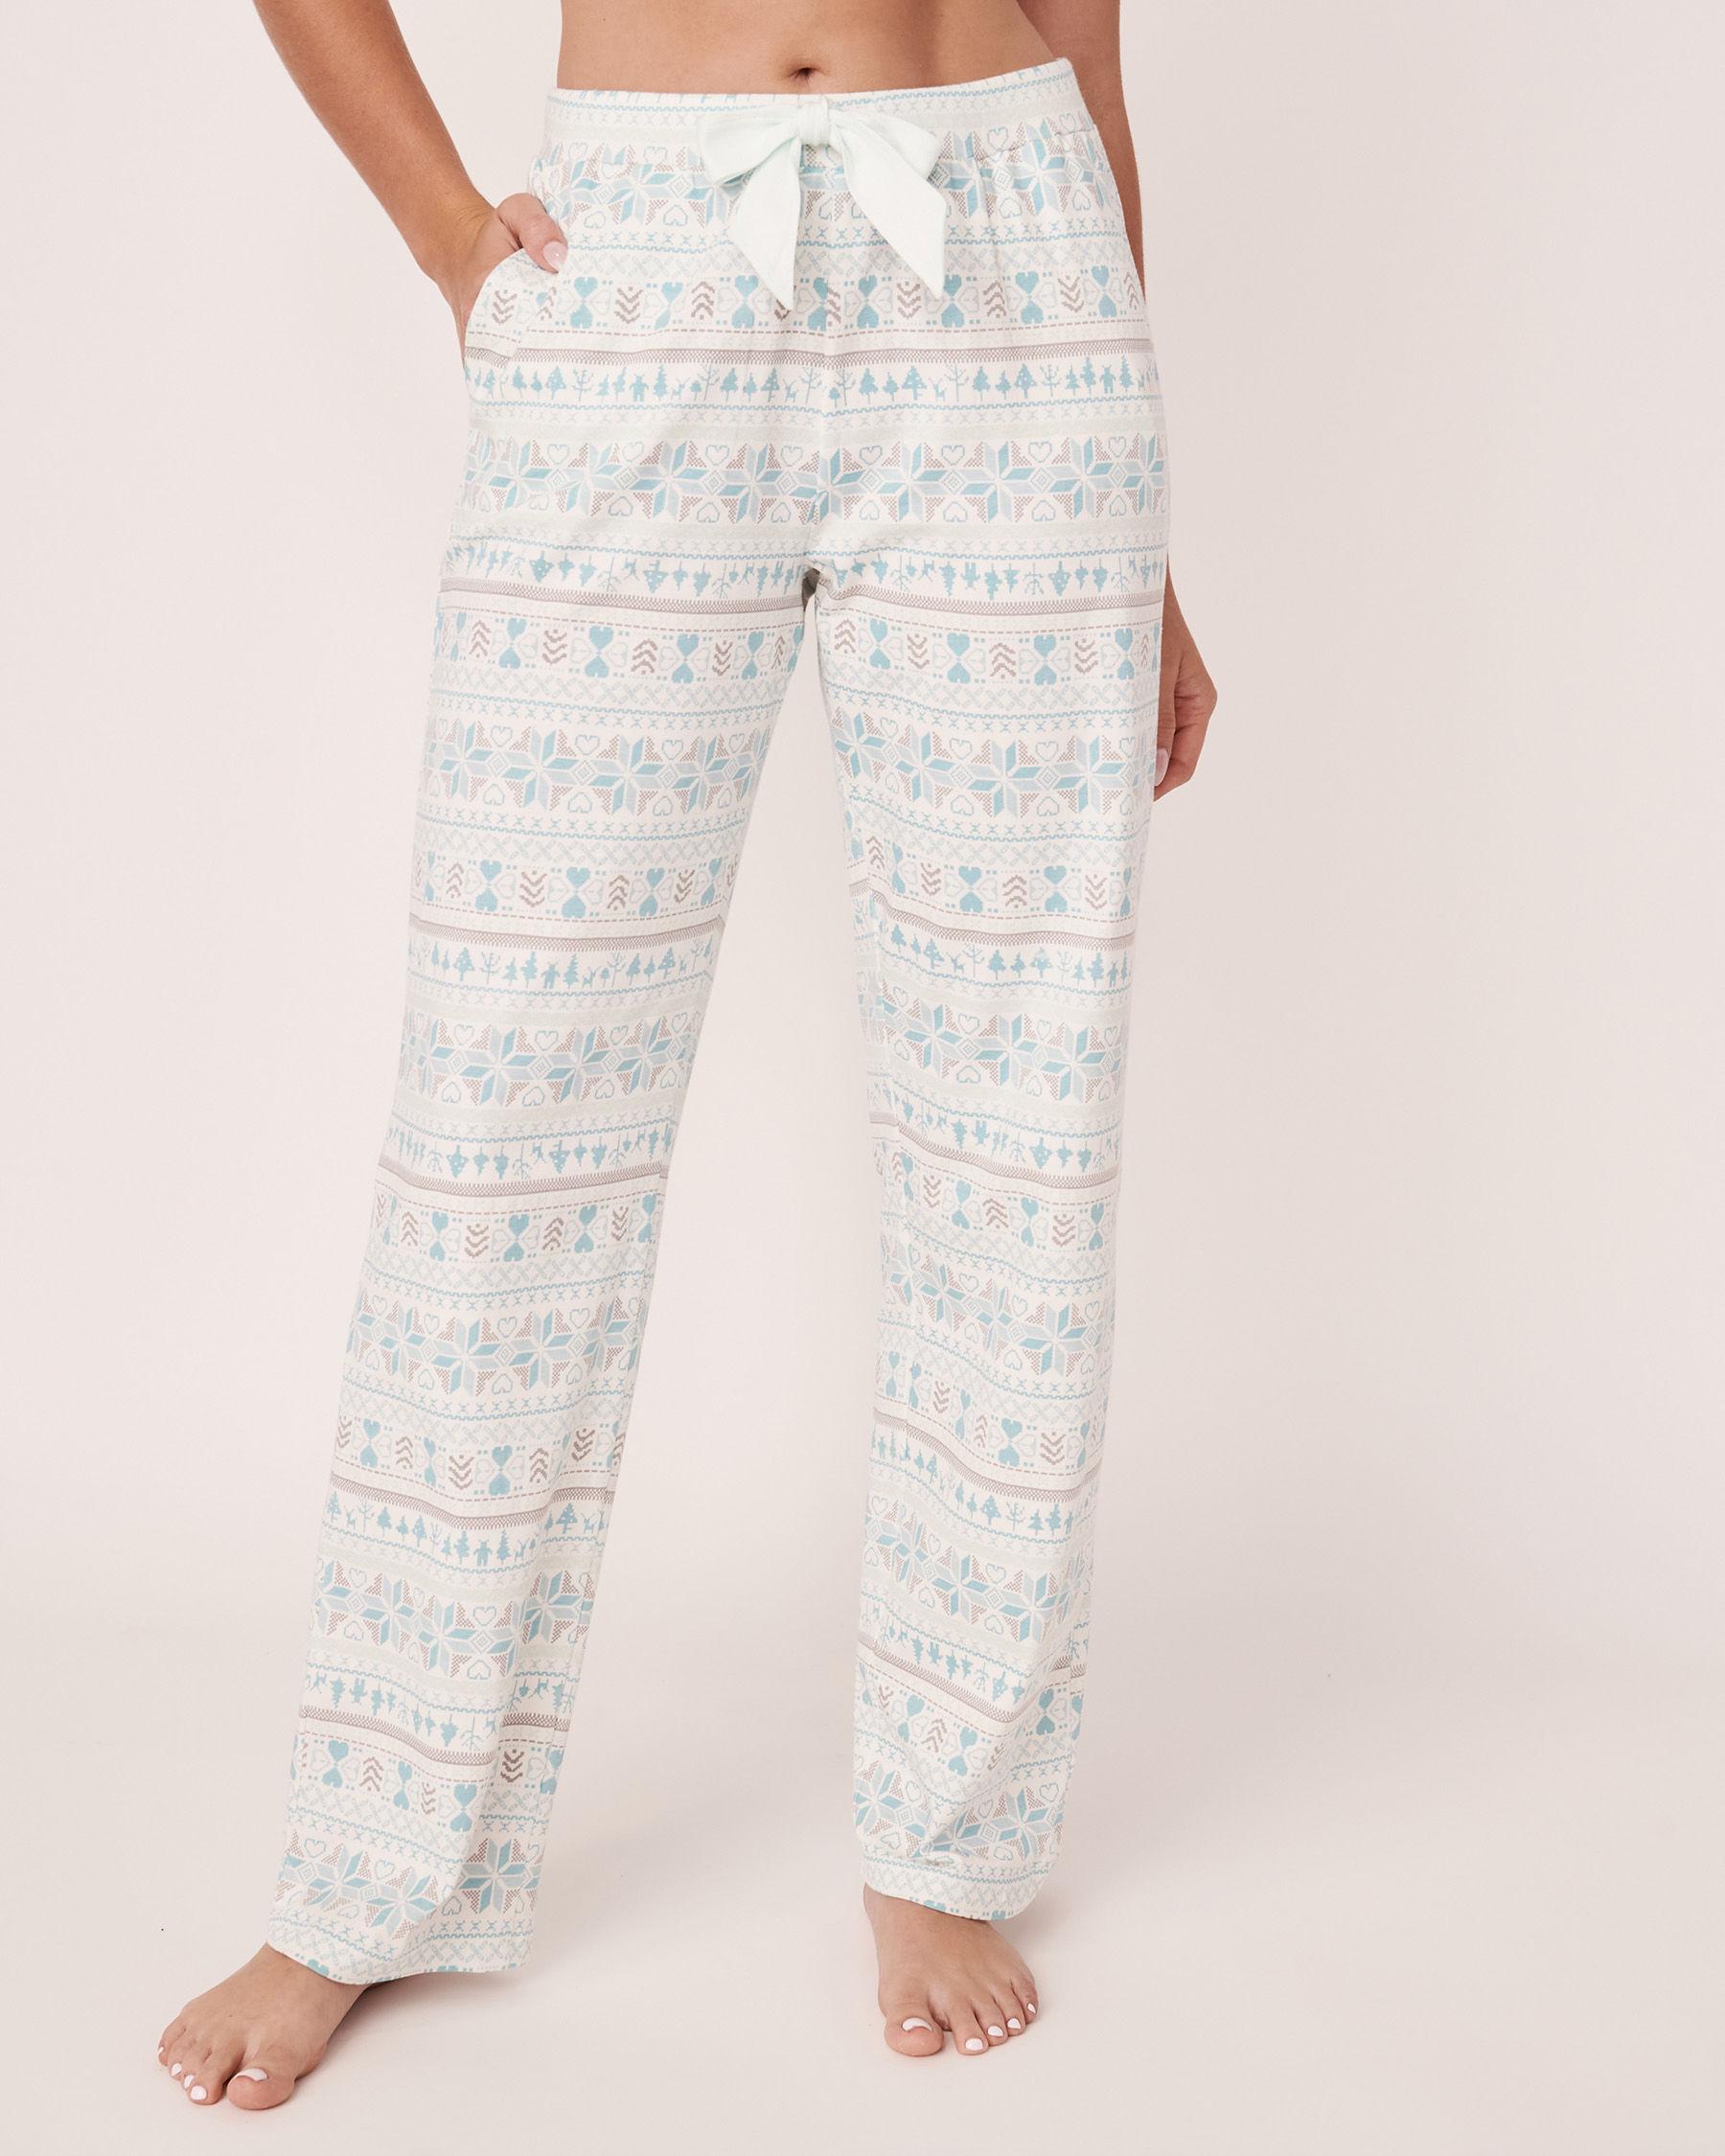 LA VIE EN ROSE Pantalon jambe droite en coton biologique Imprimé nordique 40200143 - Voir1